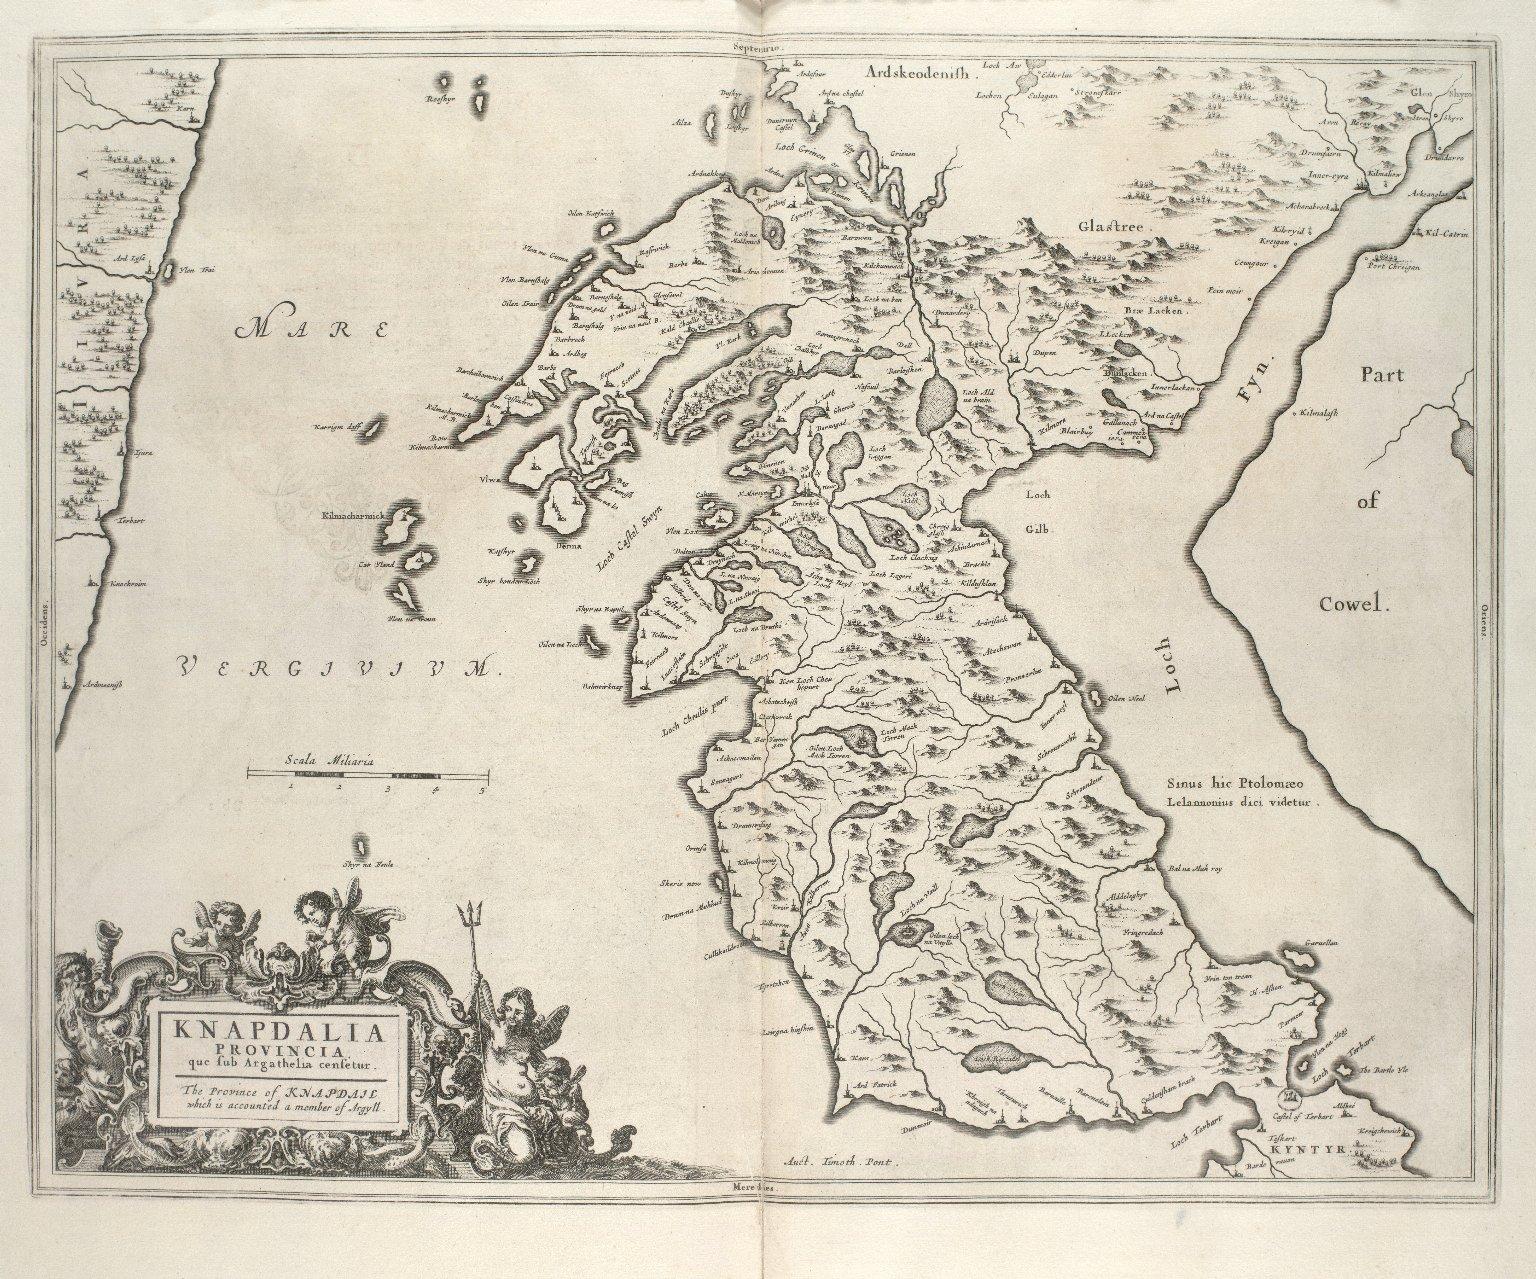 Knapdalia Provincia, que sub Argathelia censetur. [1 of 1]